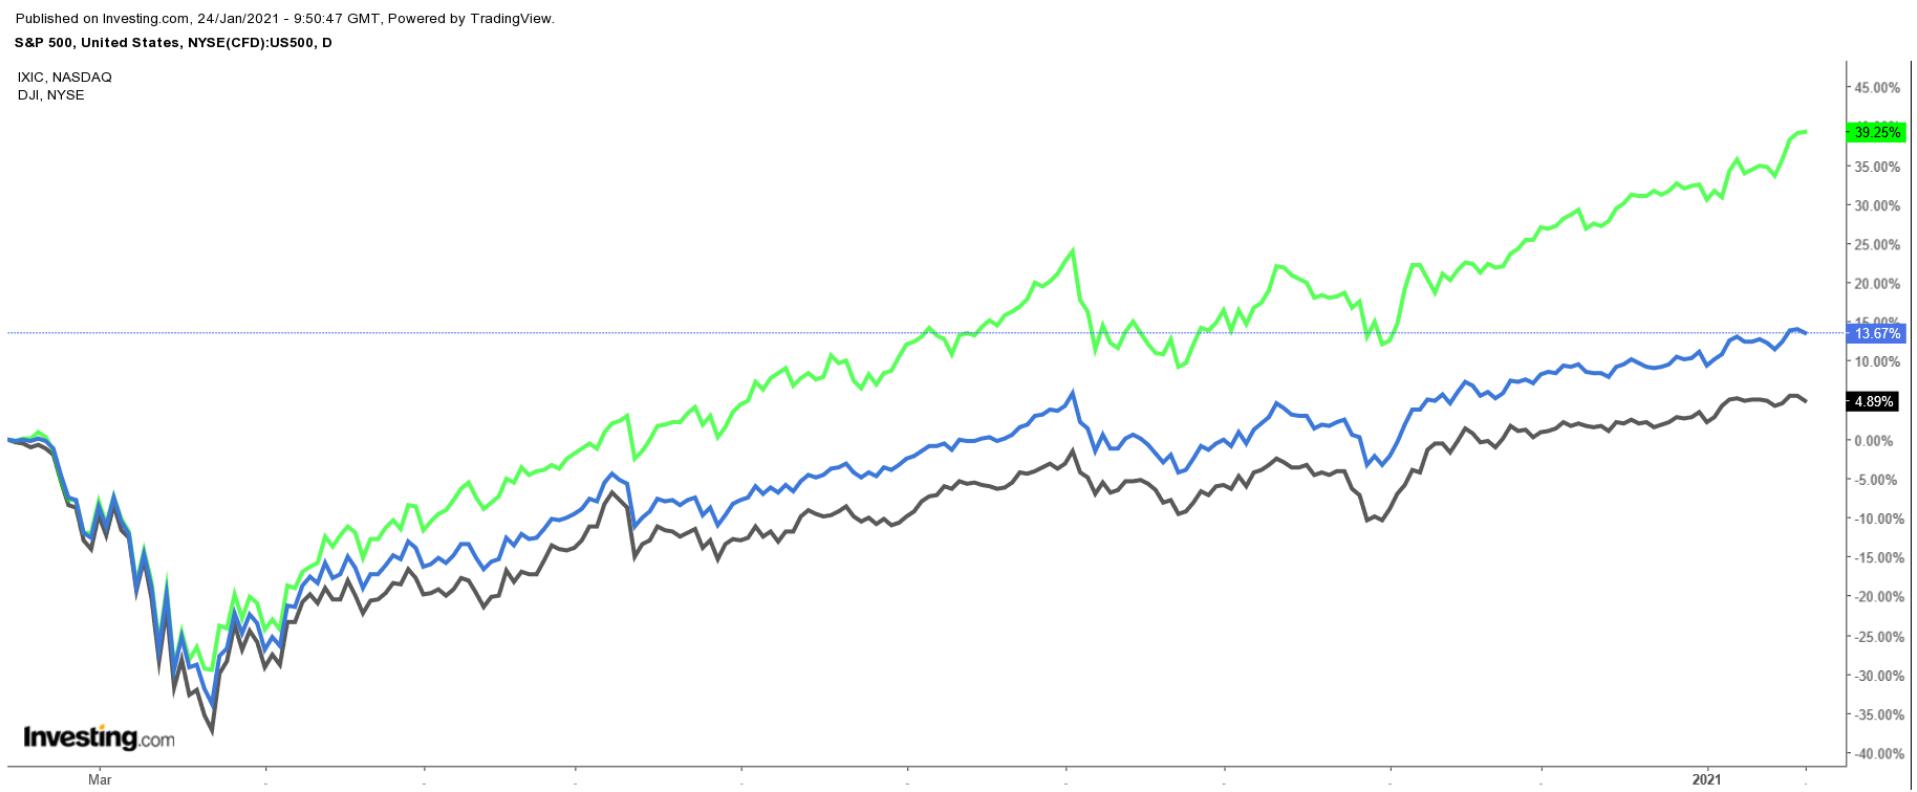 SPX:Dow:NASDAQ Daily